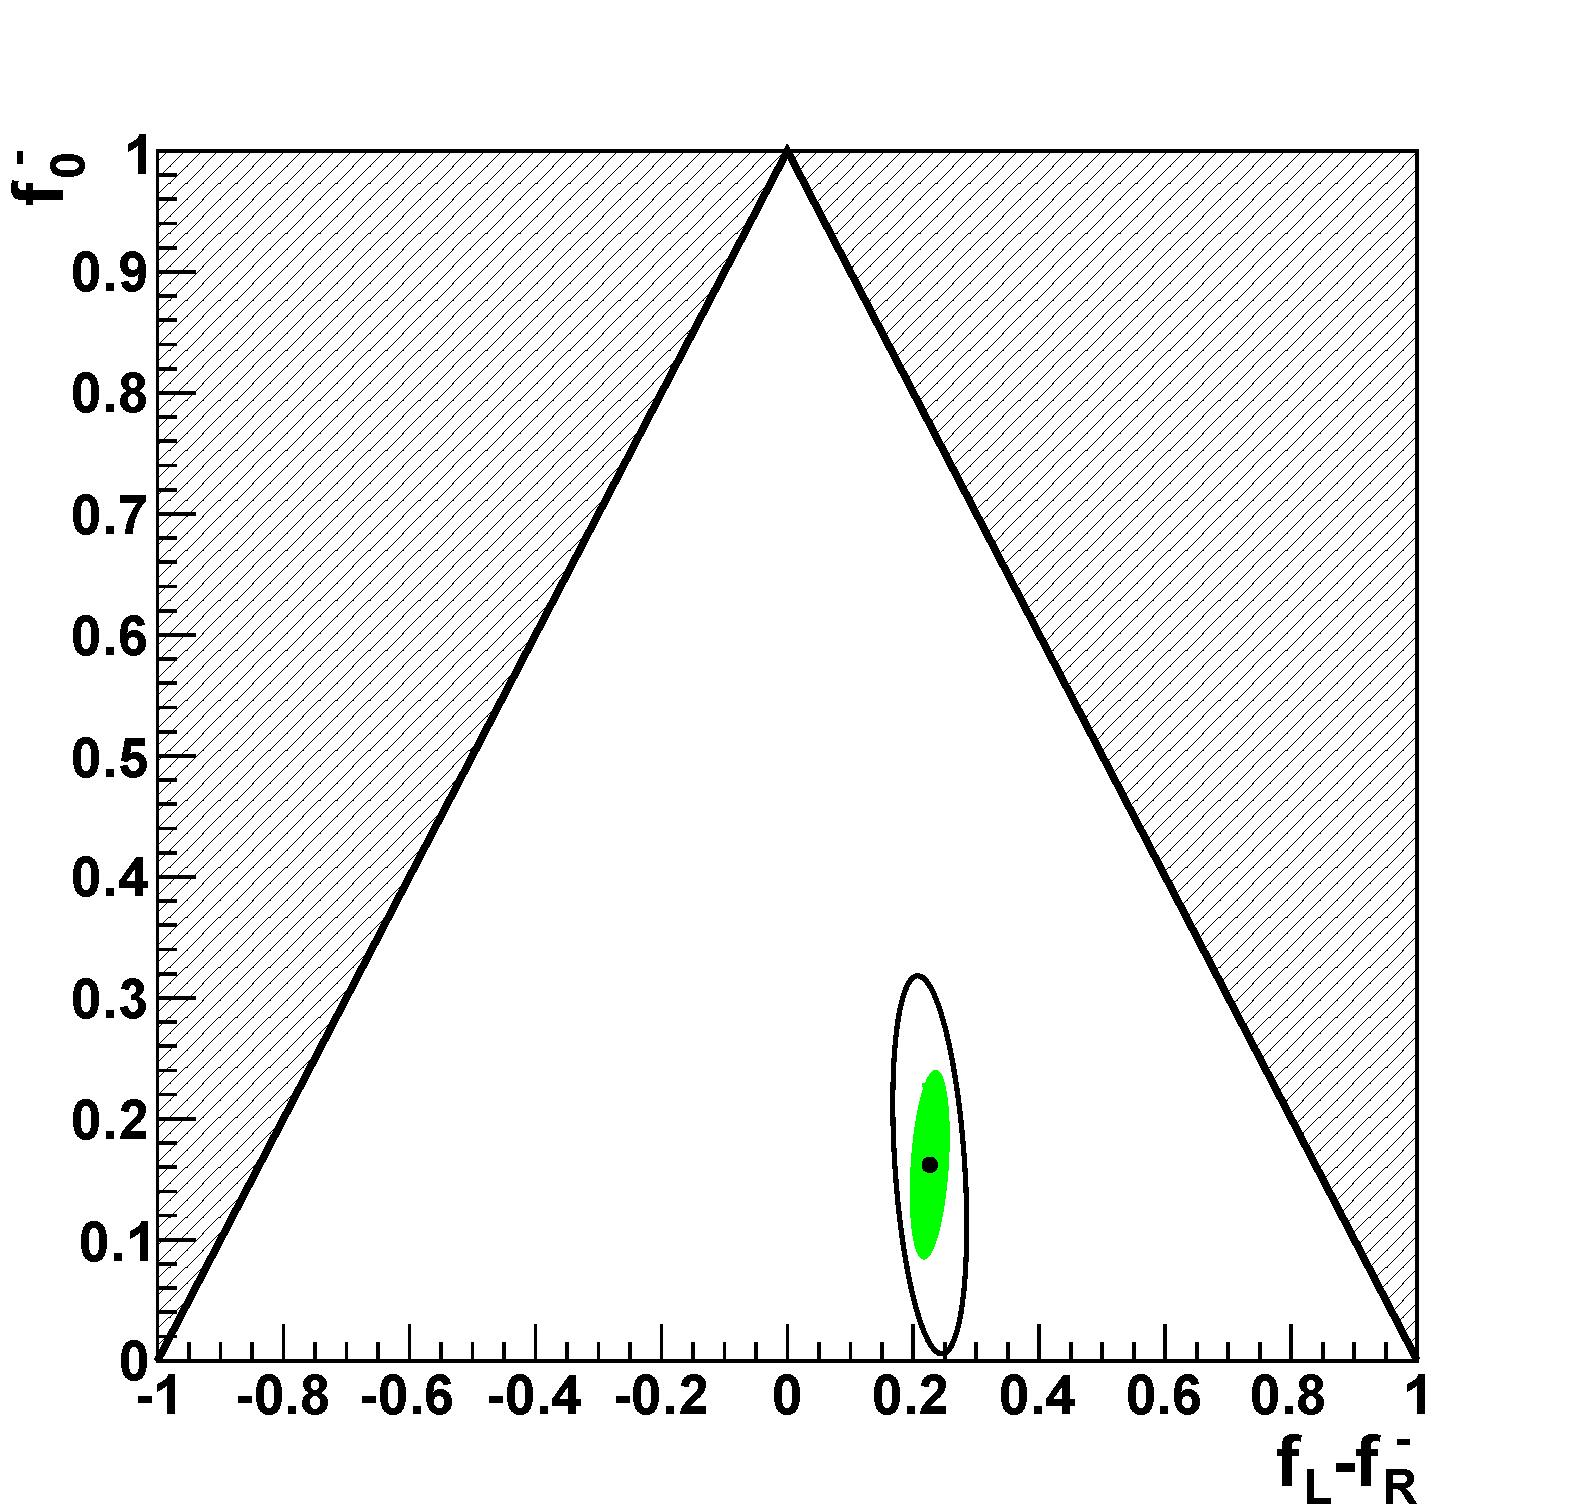 combined_contour_minus.png